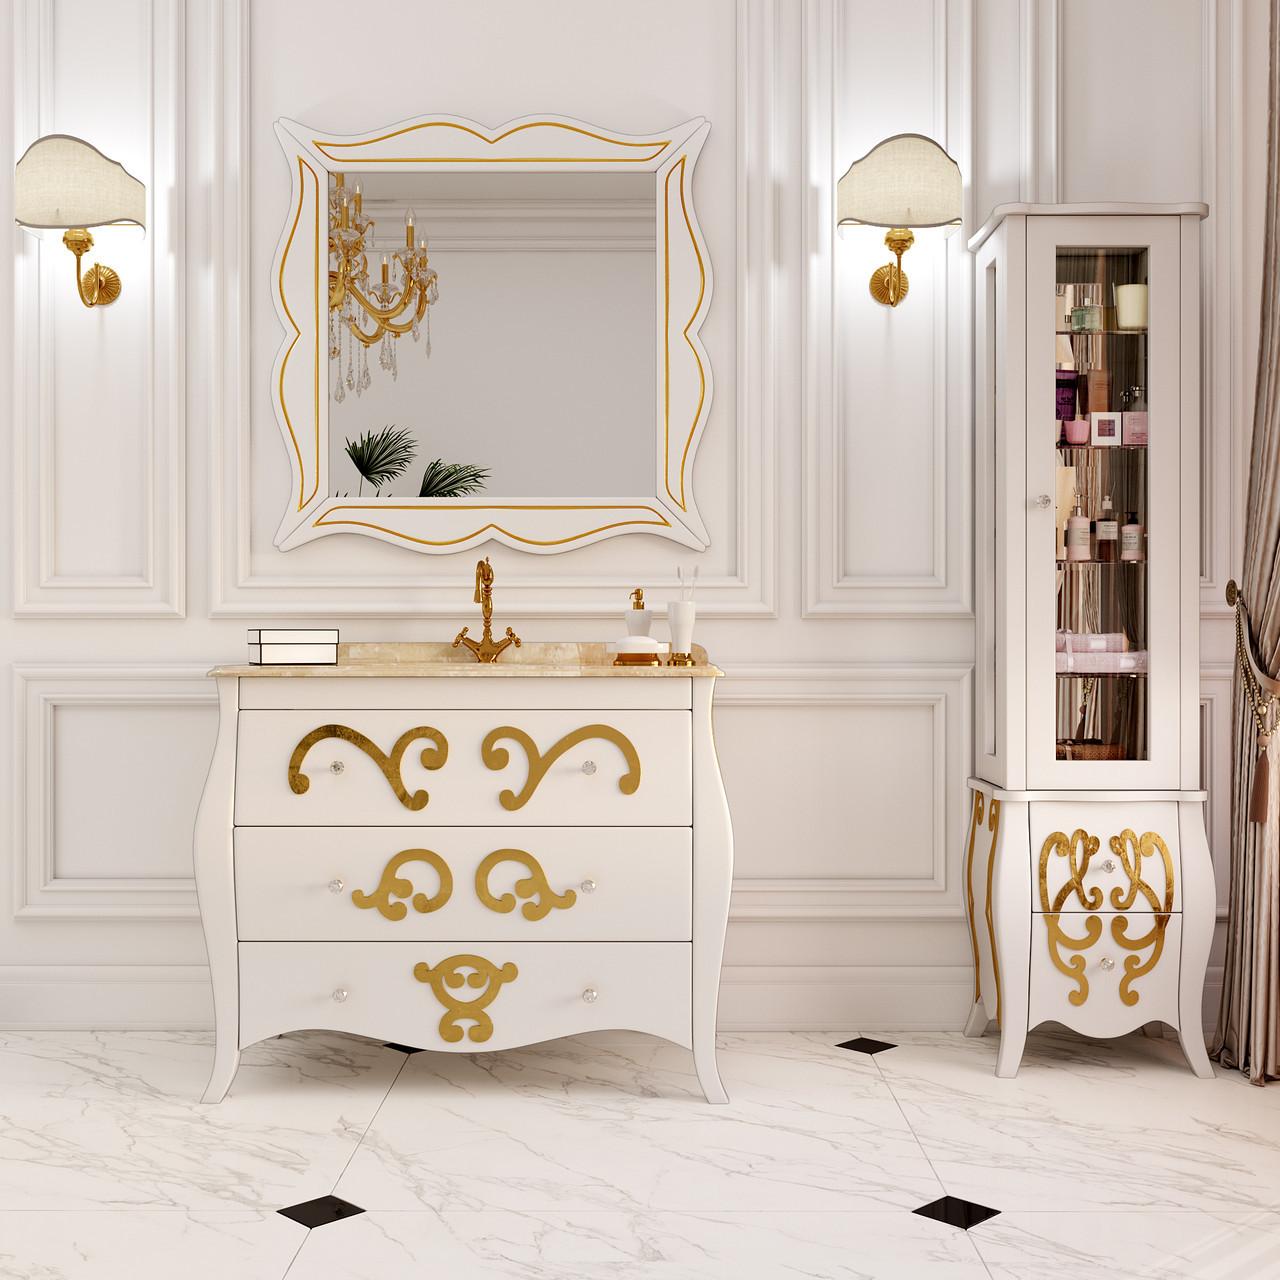 Тумба для ванной комнаты Marsan Arlette 900 рисунок золото